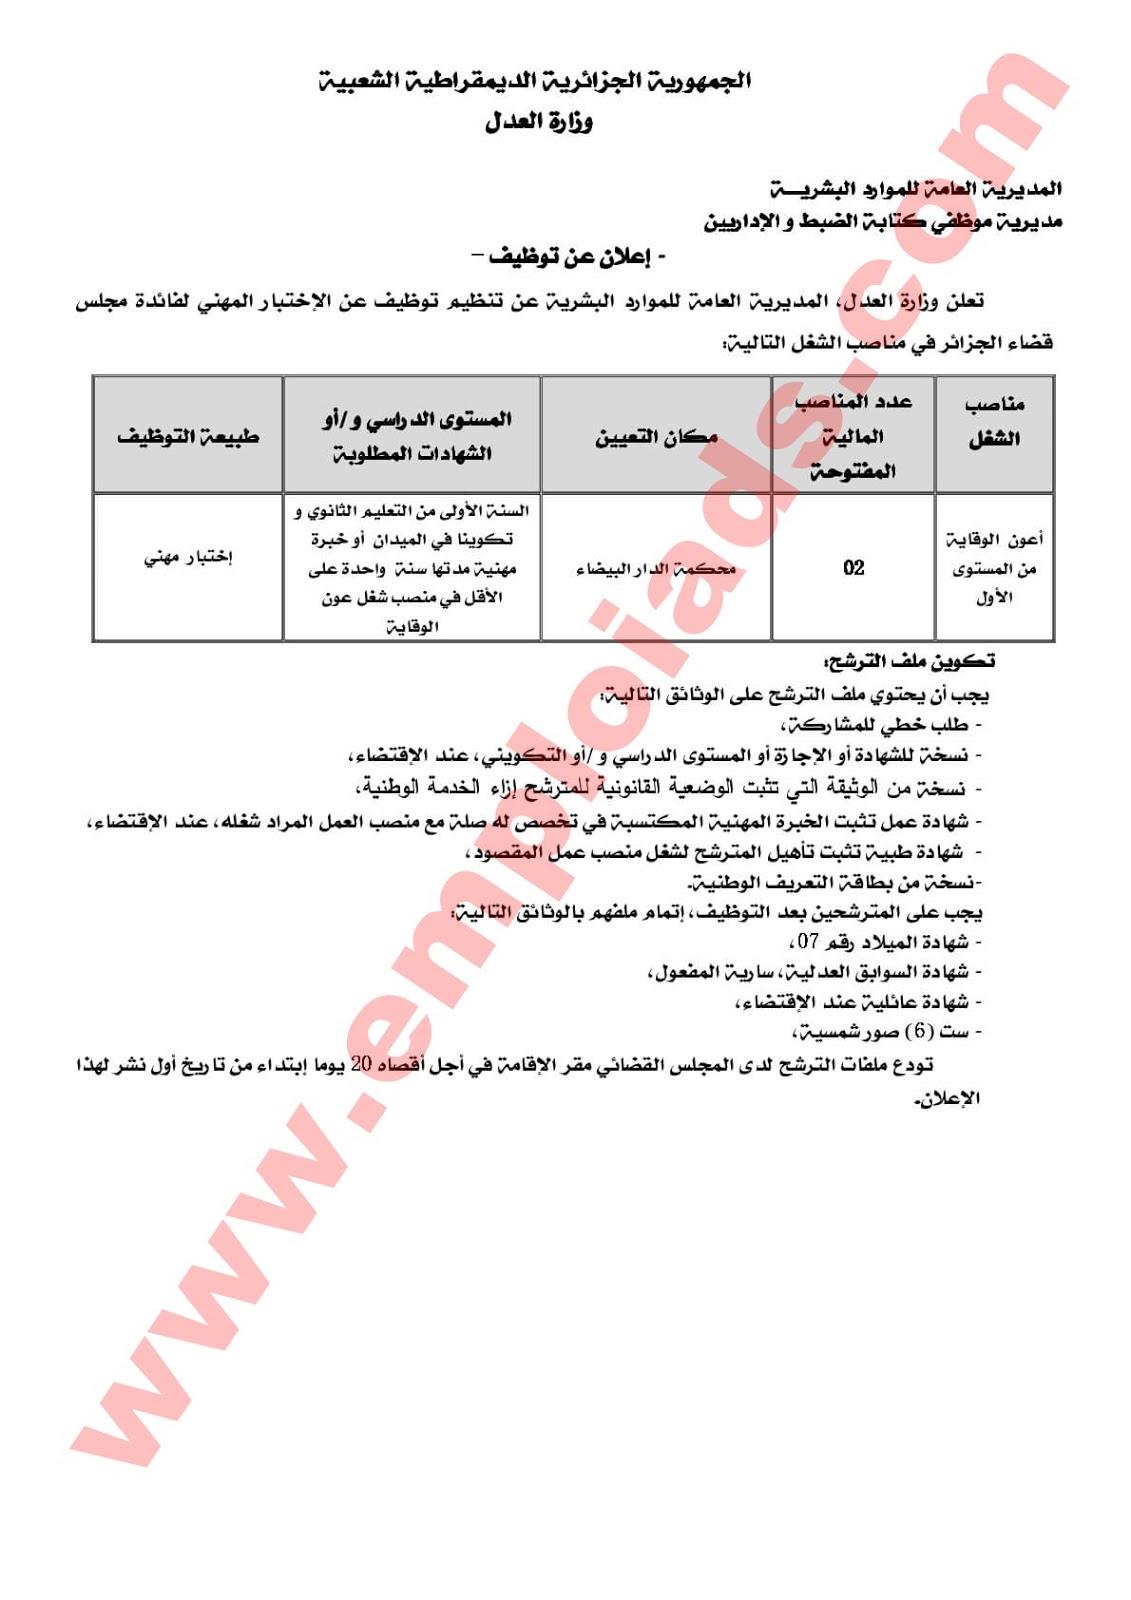 اعلان عن توظيف لفائدة مجلس القضاء لولاية الجزائر جانفي 2017